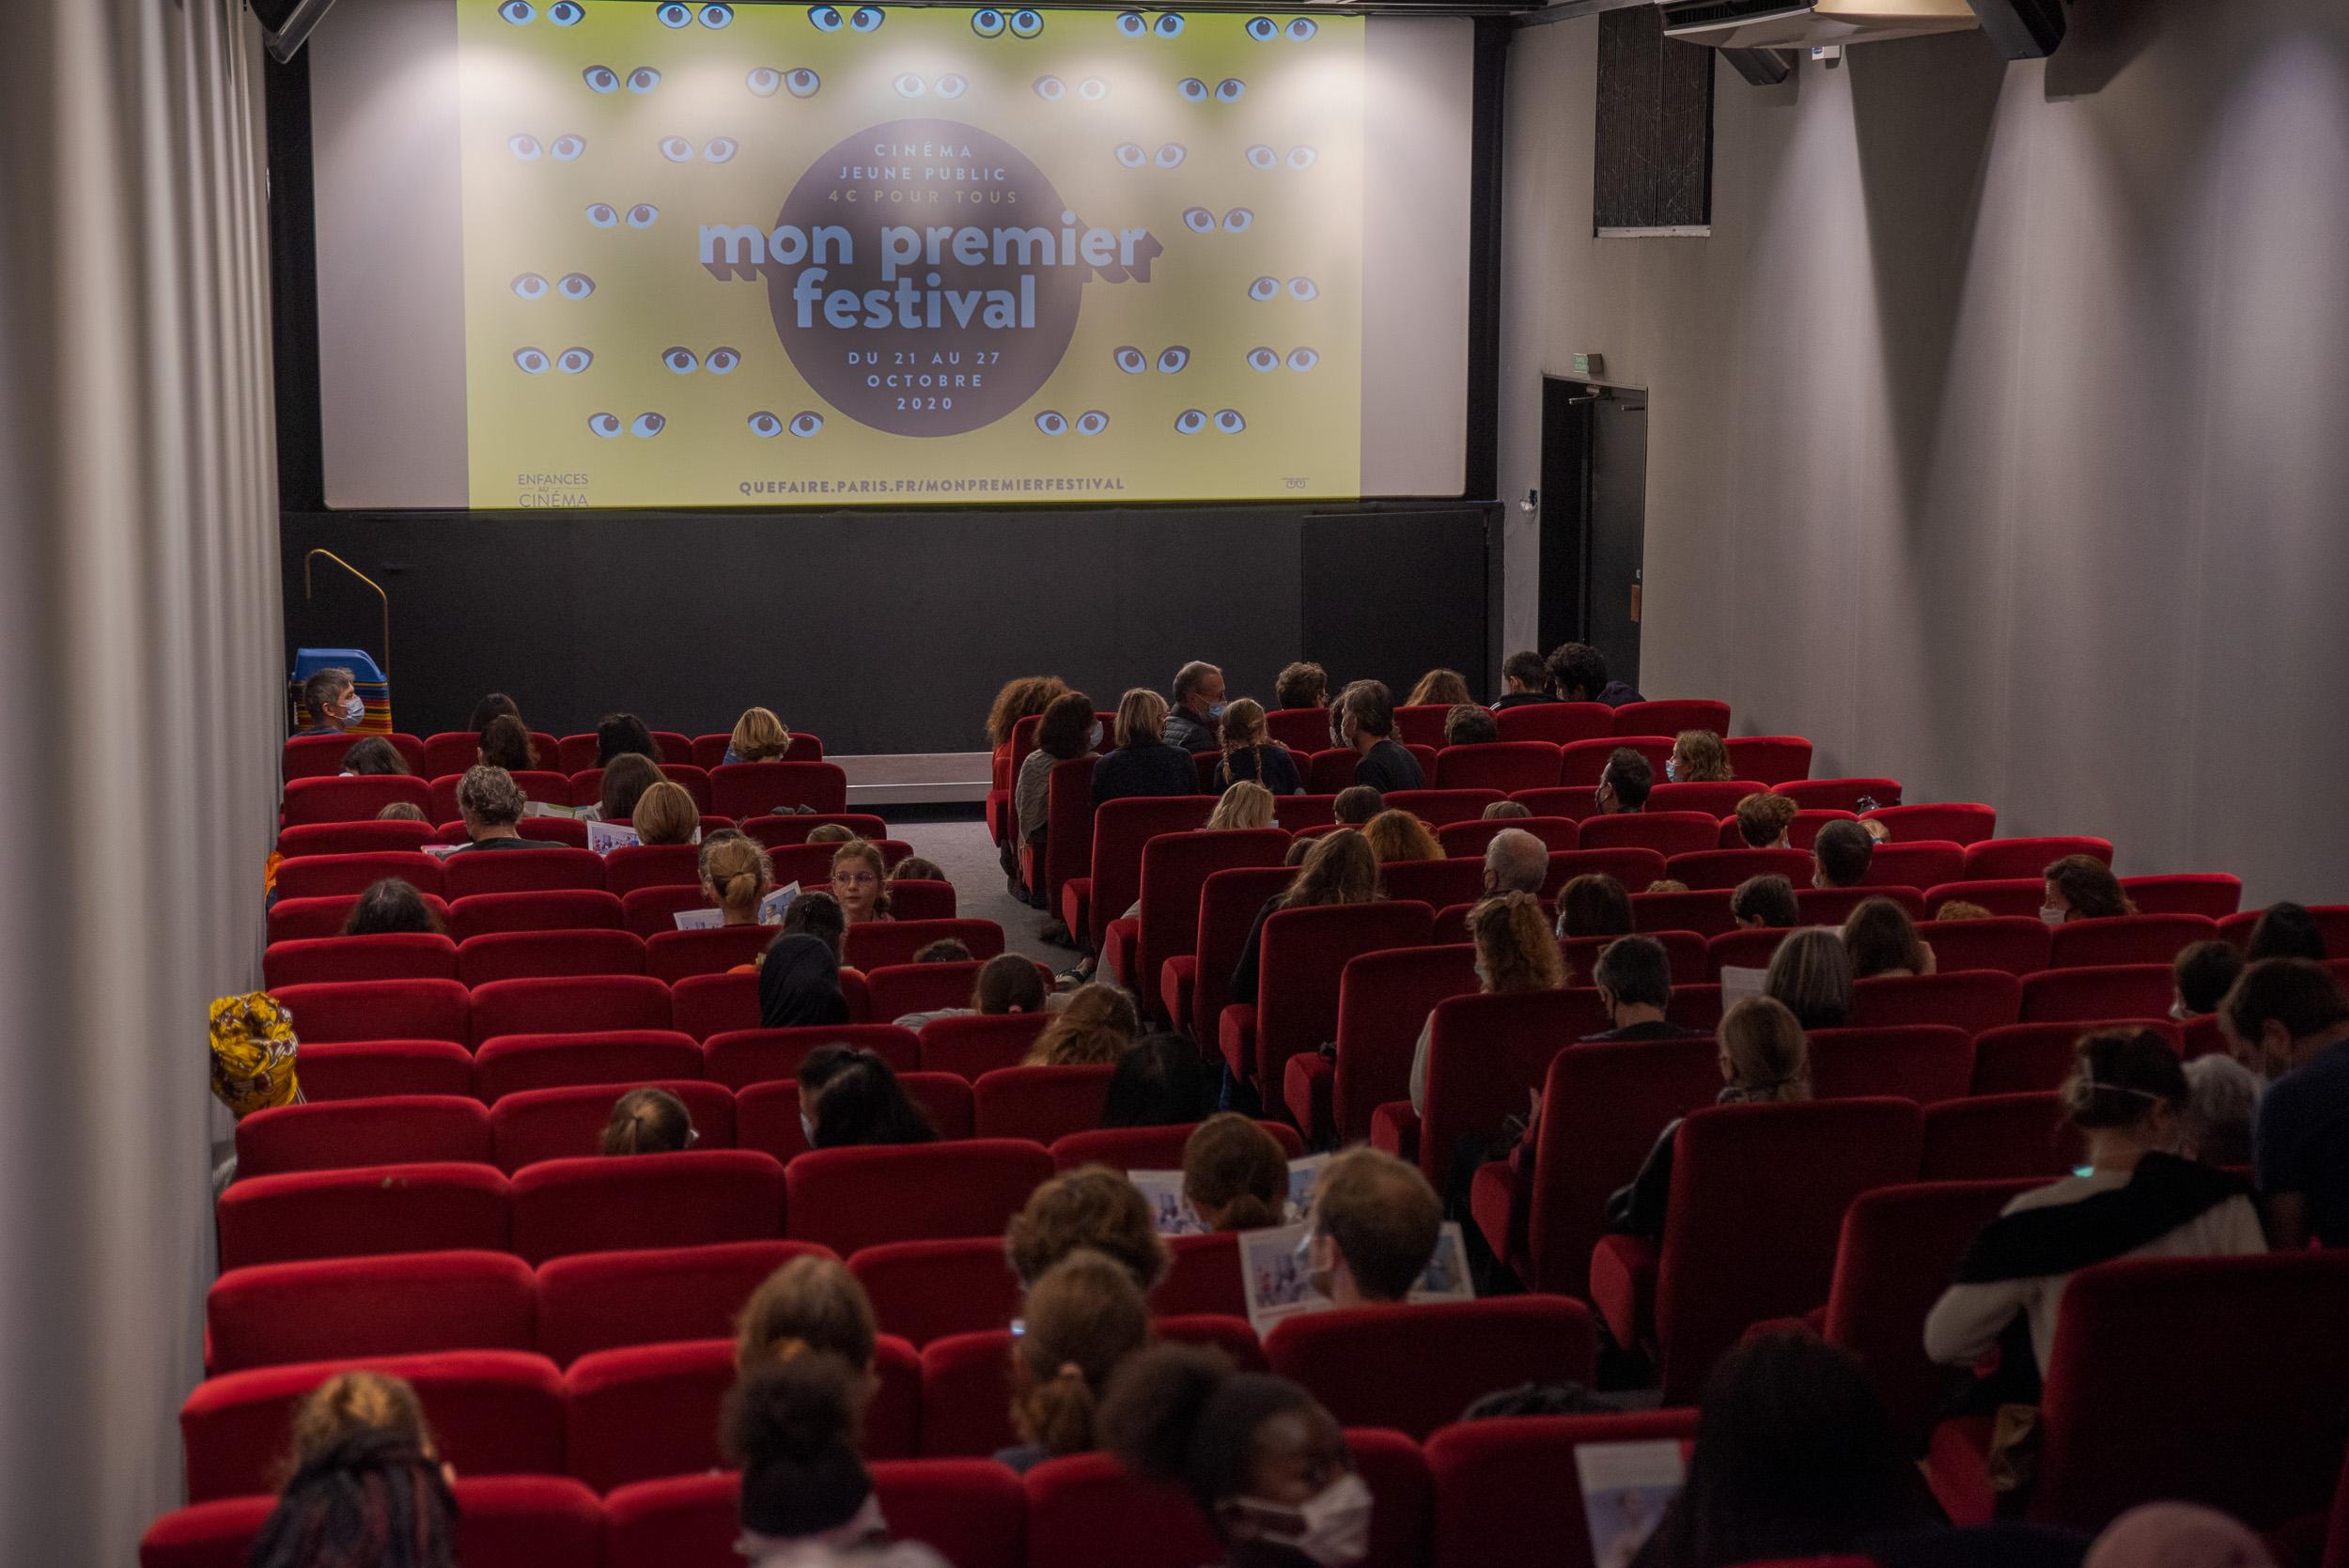 Luminor HDV AVP Petites danseuses + équipe du film